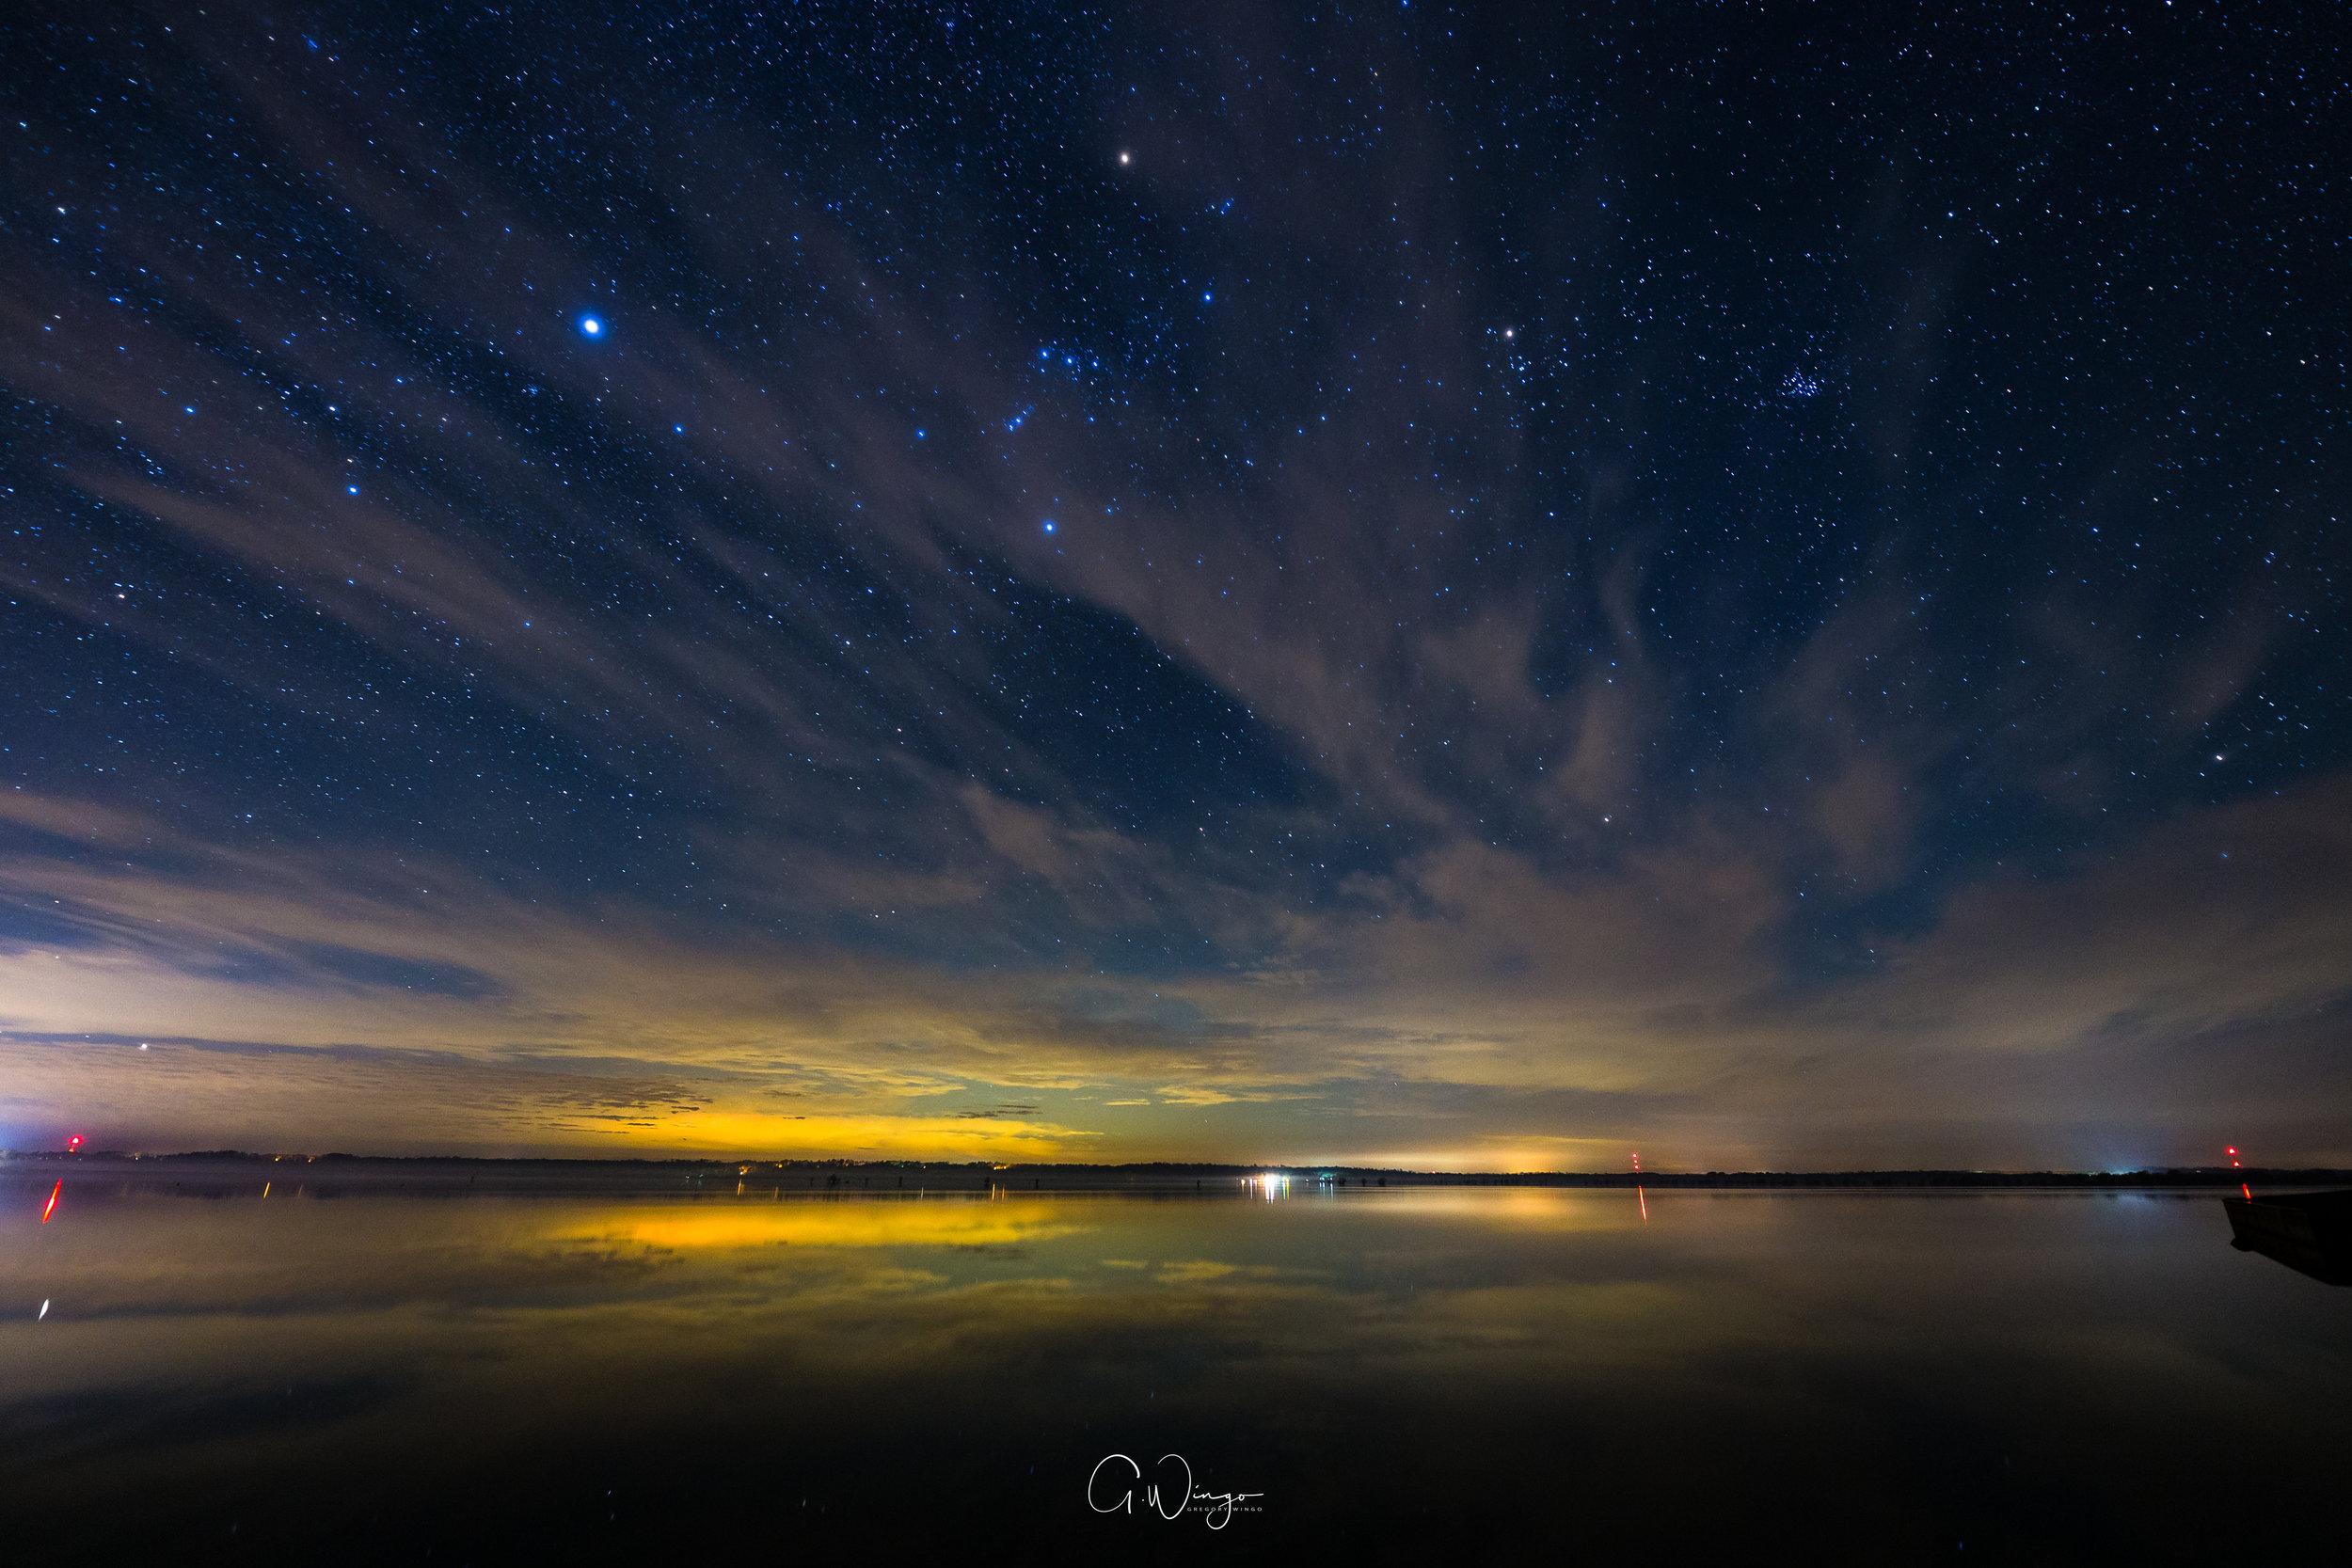 Martin Dies, Jr. State Park - Milky Way